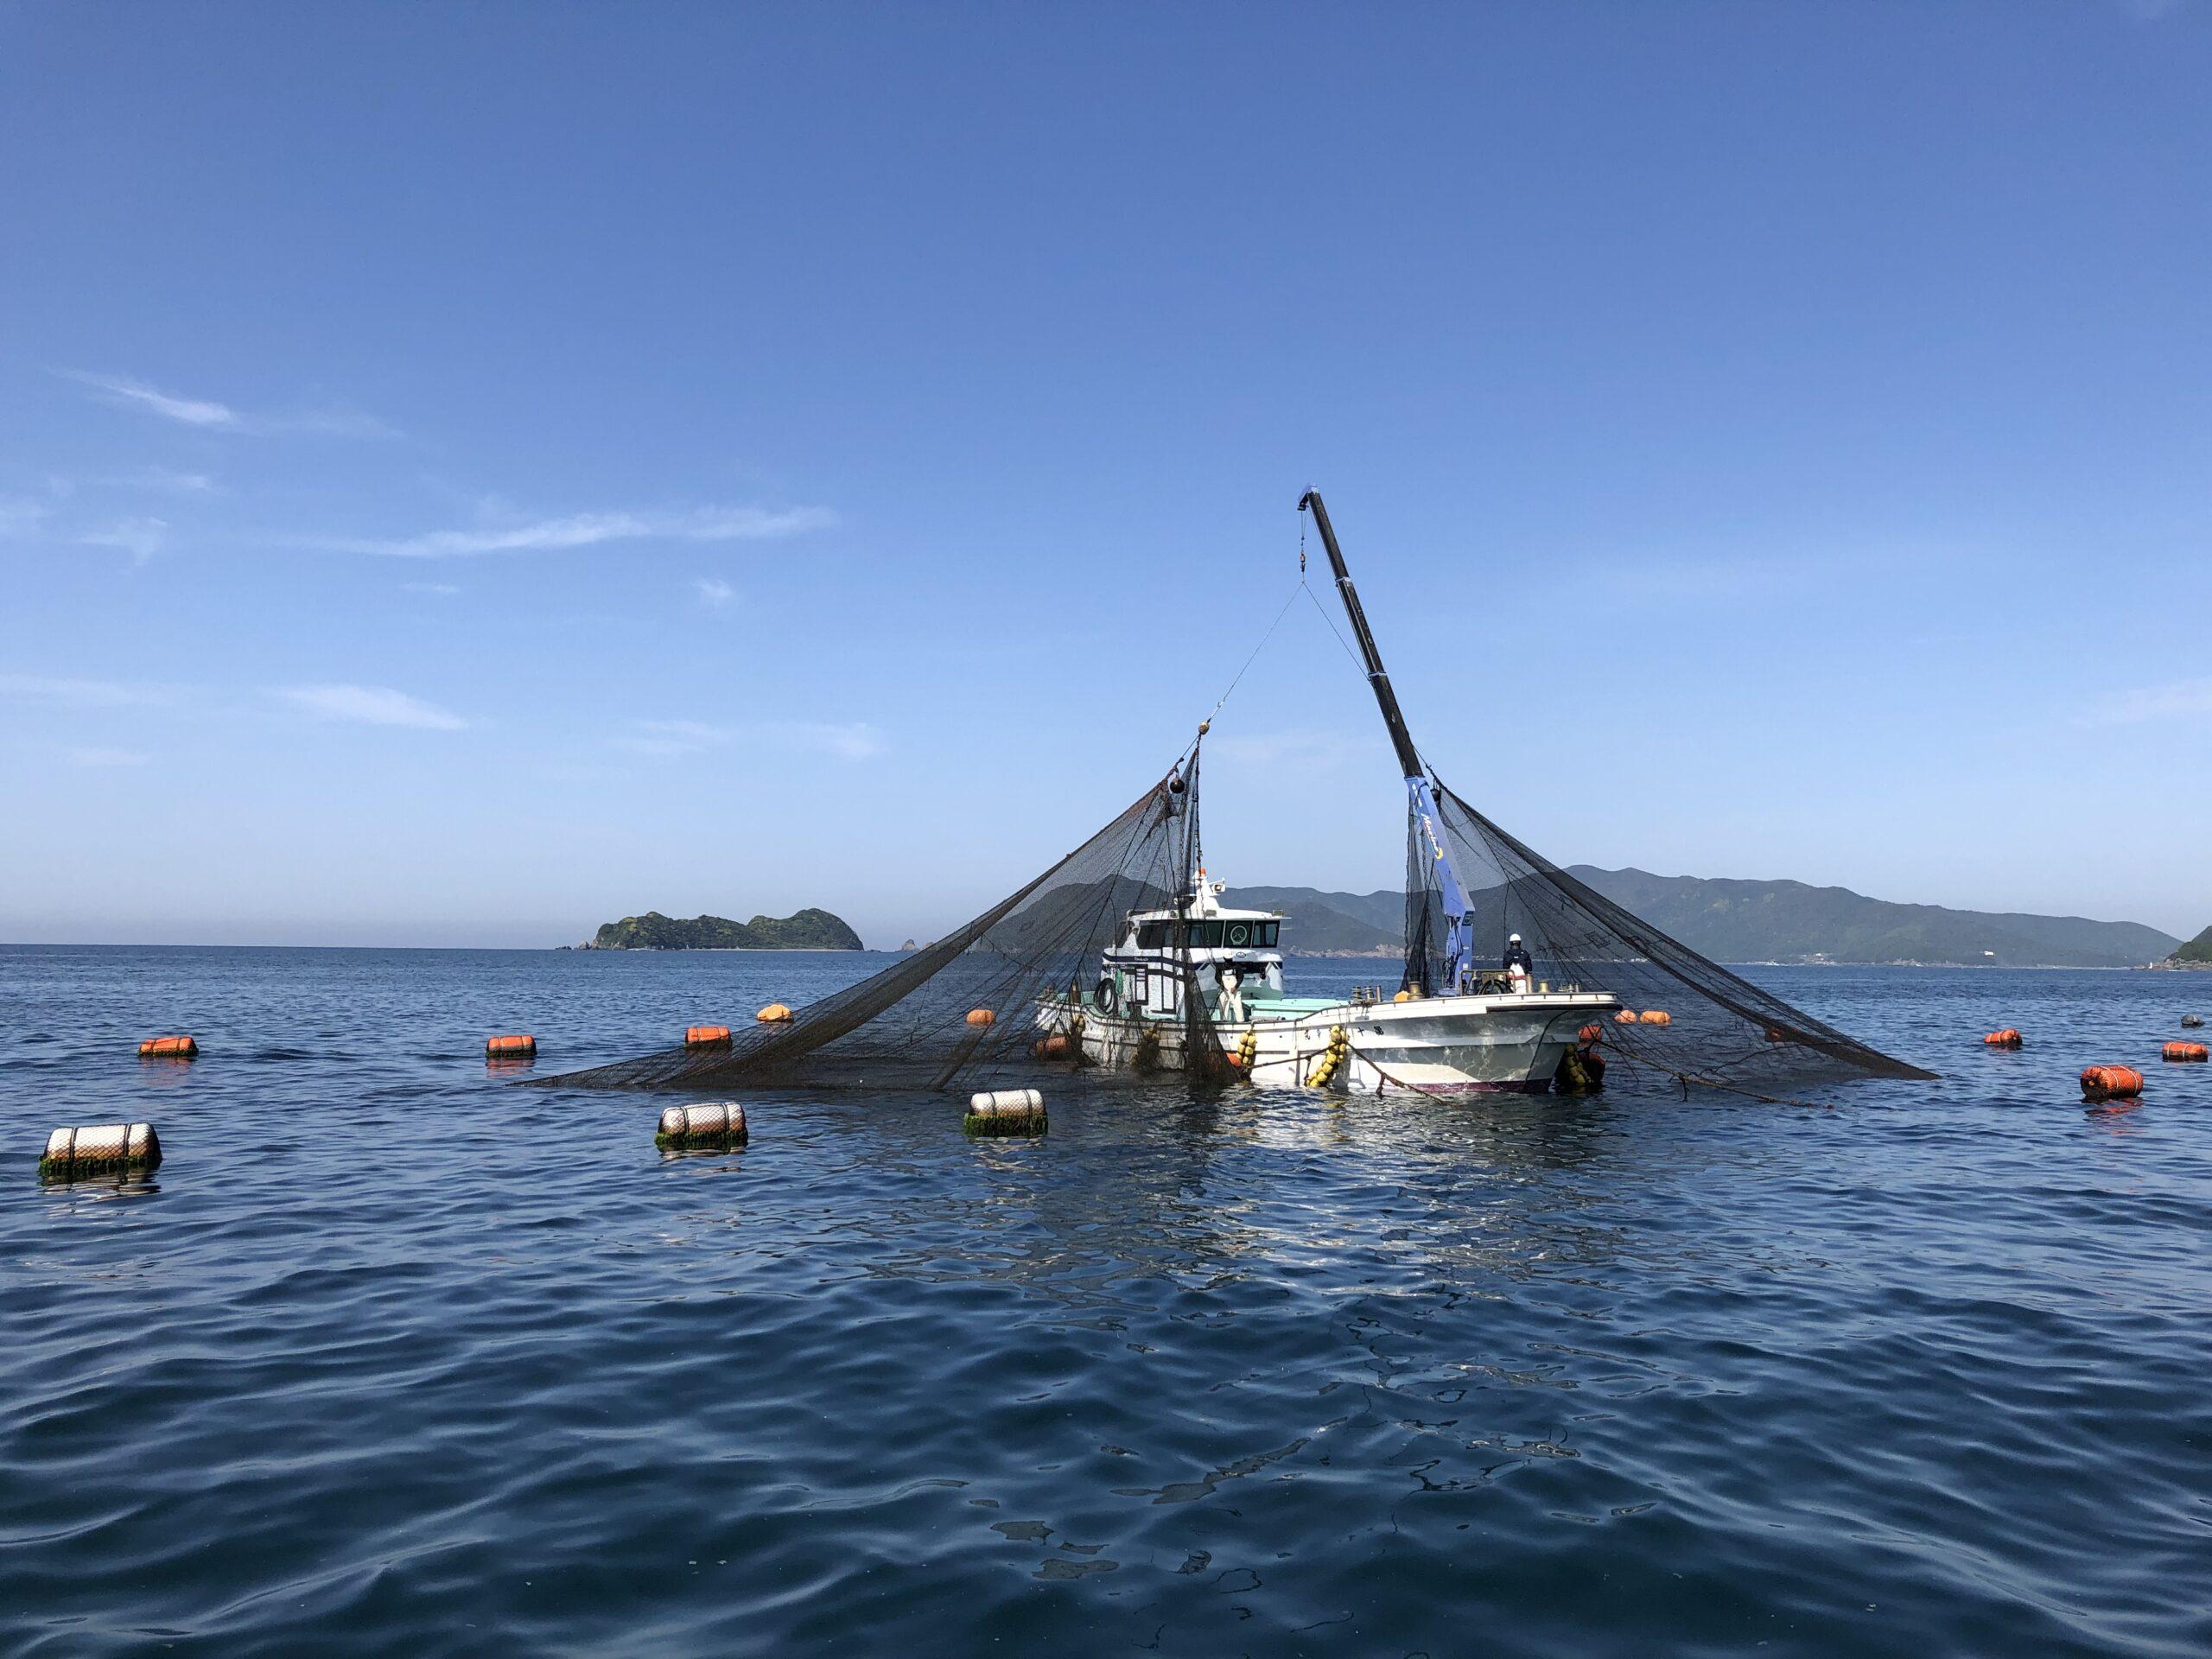 モスバーガーが新作で愛媛の漁協を支援「日本の生産地応援バーガー 真鯛カツ<愛媛県愛南町>」が5月20日より期間限定で発売